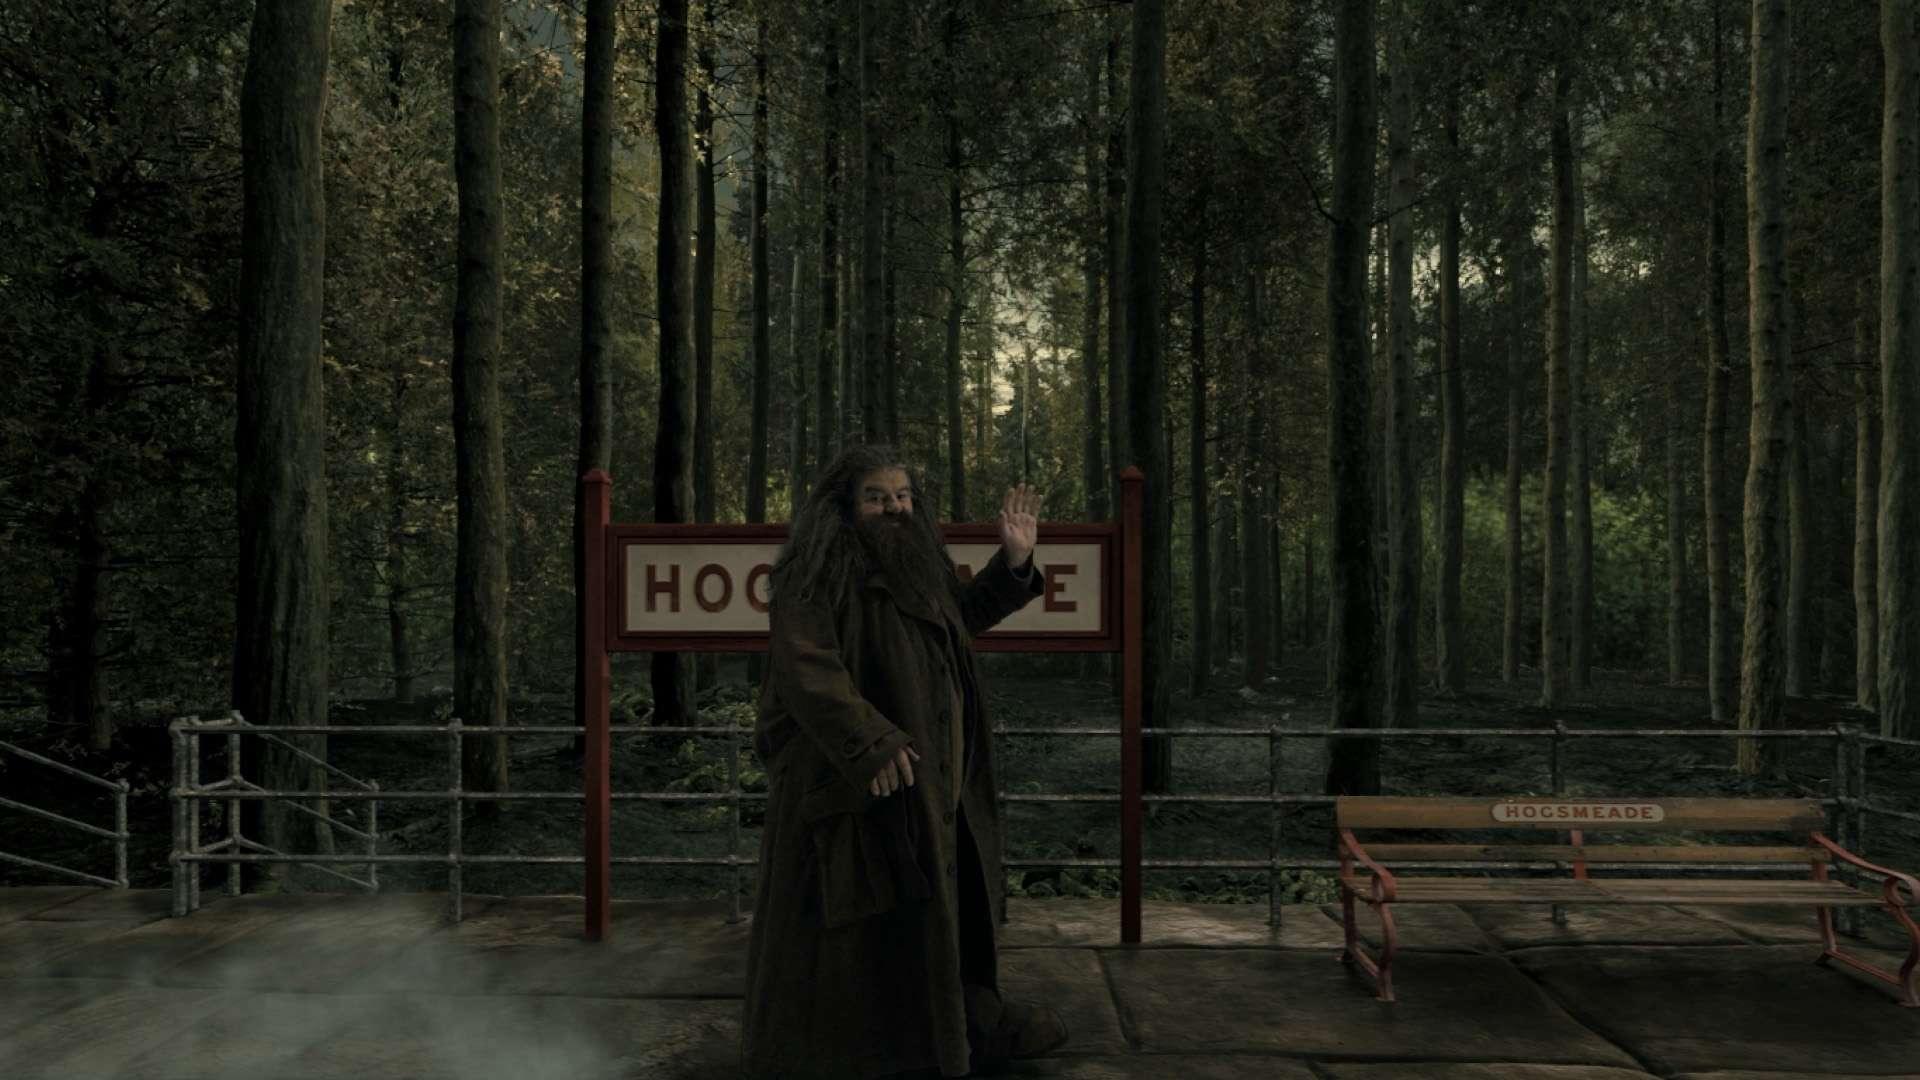 Hagrid at Hogsmeade Station